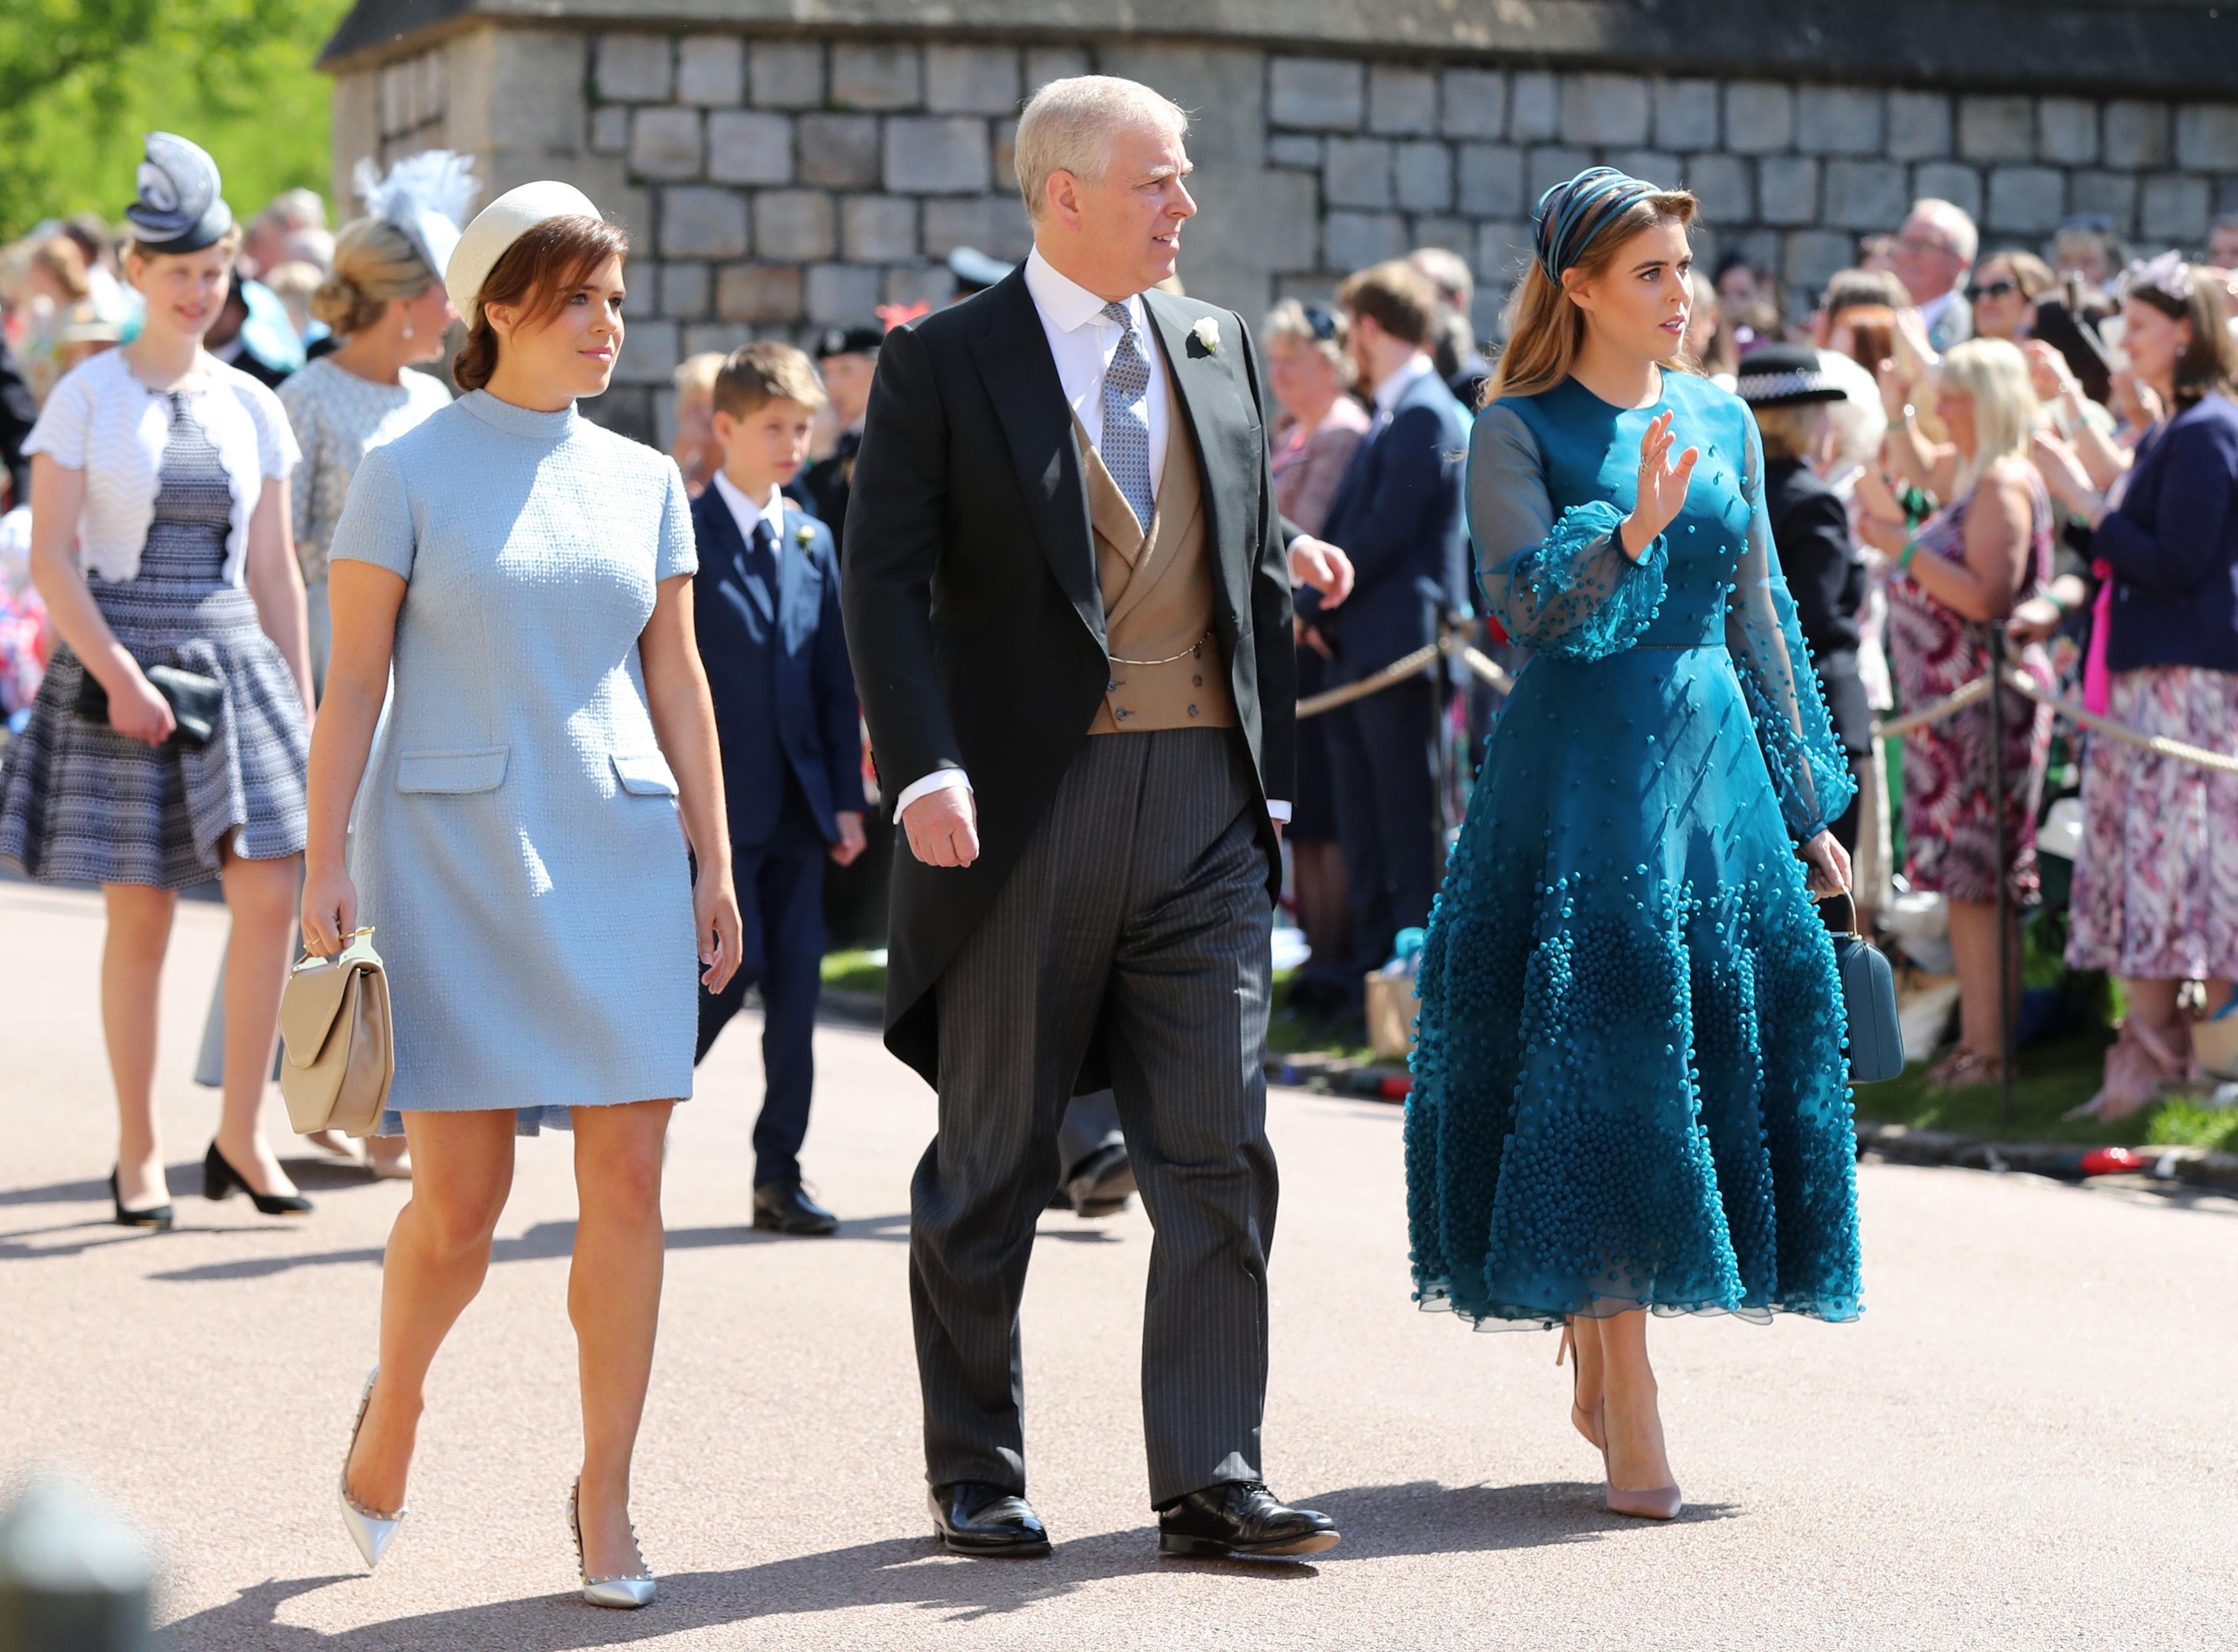 Eugenie e Beatrice com o pai, o príncipe Andrew, no casamento do príncipe Harry e Meghan Markle.